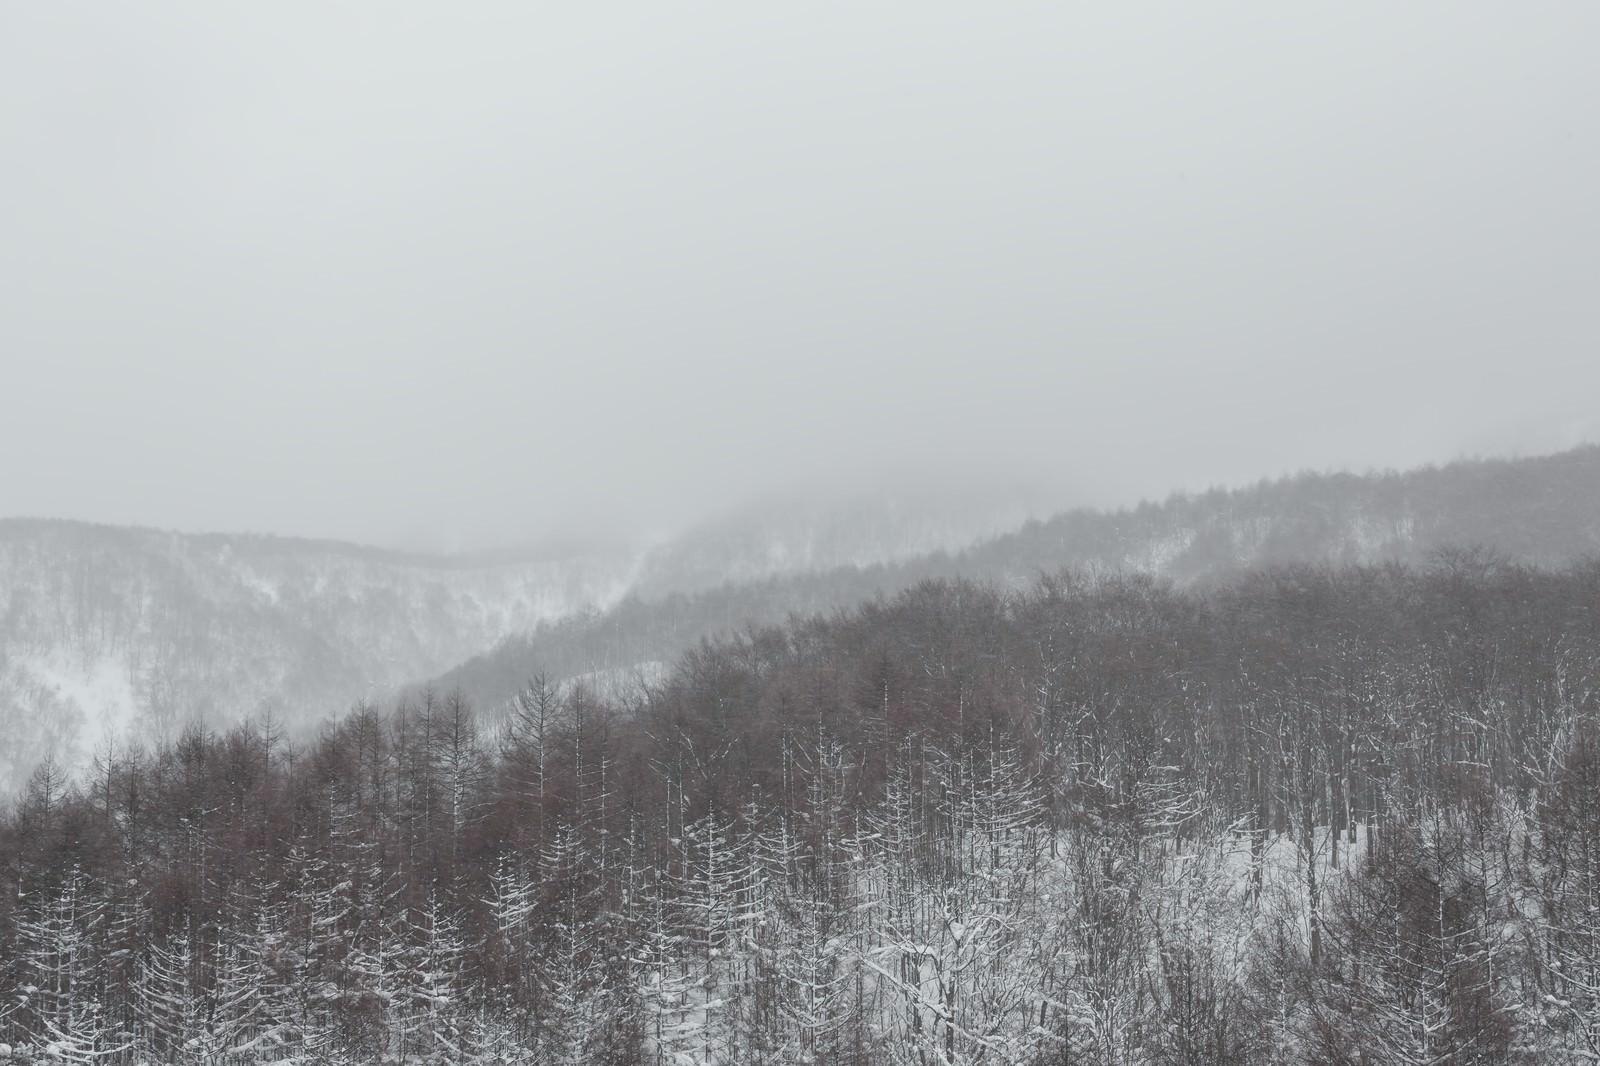 「吹雪きと針葉樹の山吹雪きと針葉樹の山」のフリー写真素材を拡大